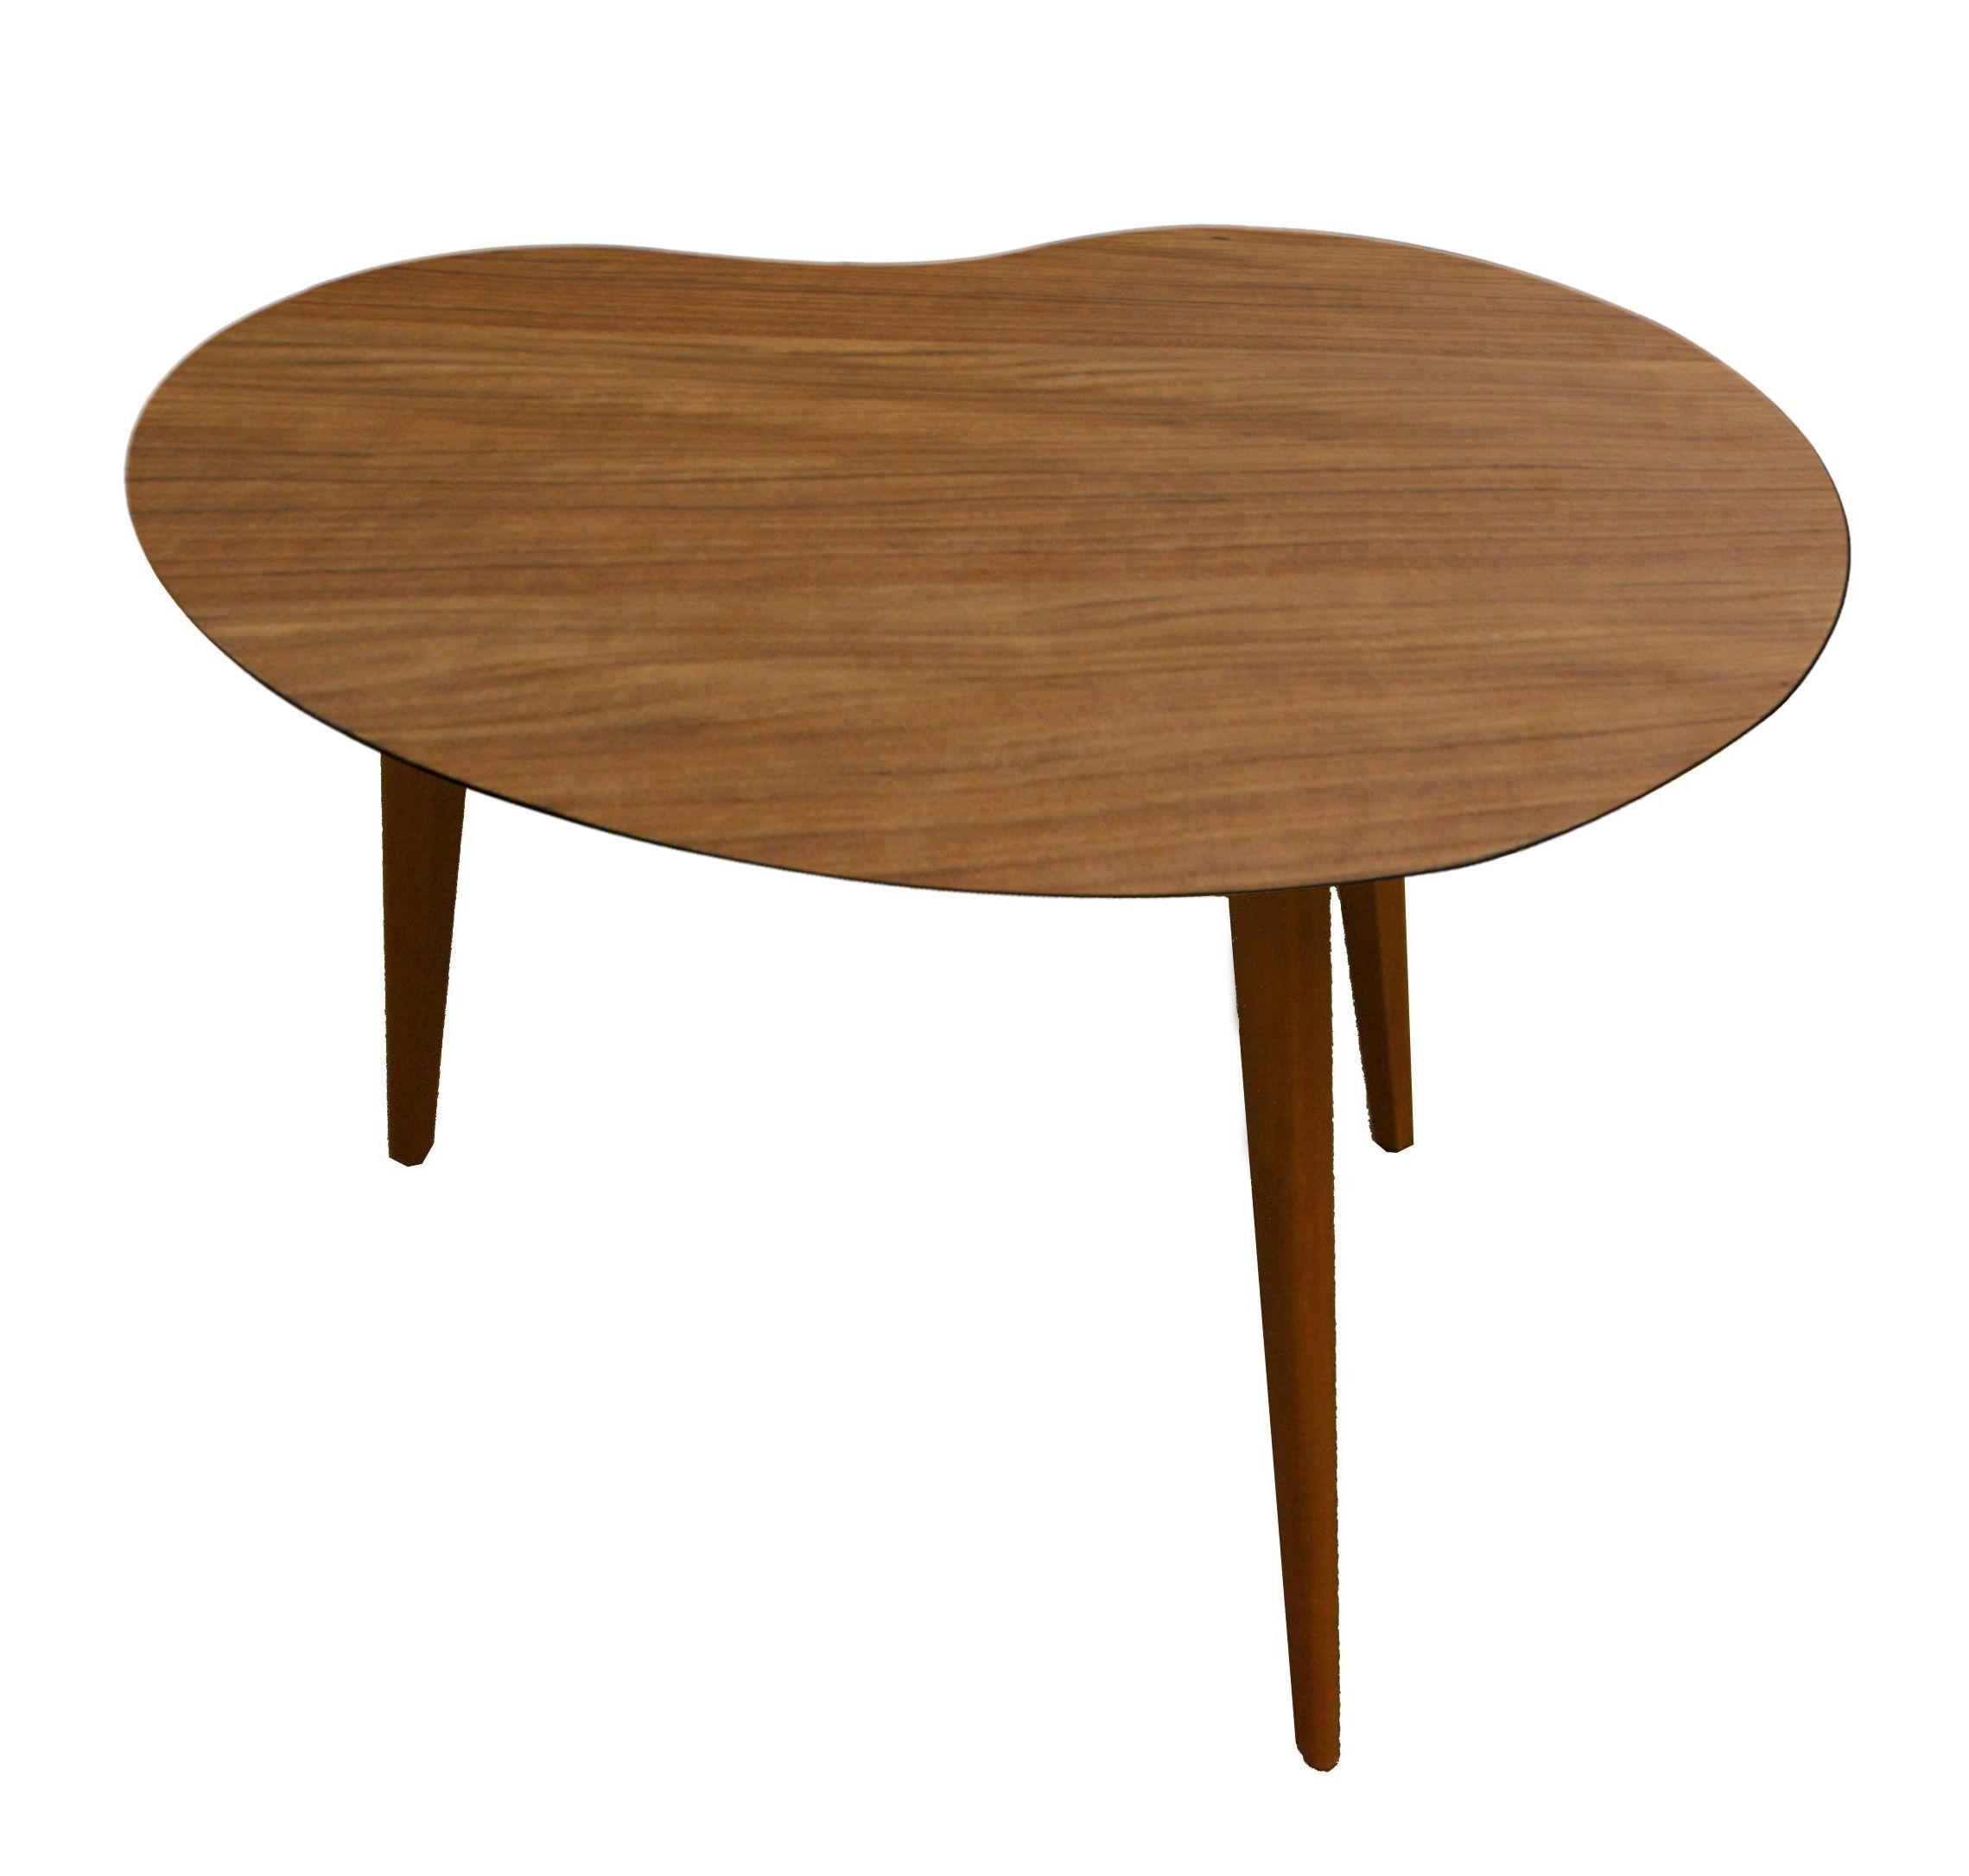 Furniture - Coffee Tables - Lalinde Haricot Coffee table - bean - Small / Wood legs by Sentou Edition - Teak / Wood legs - Solid oak, Teak veneer MDF